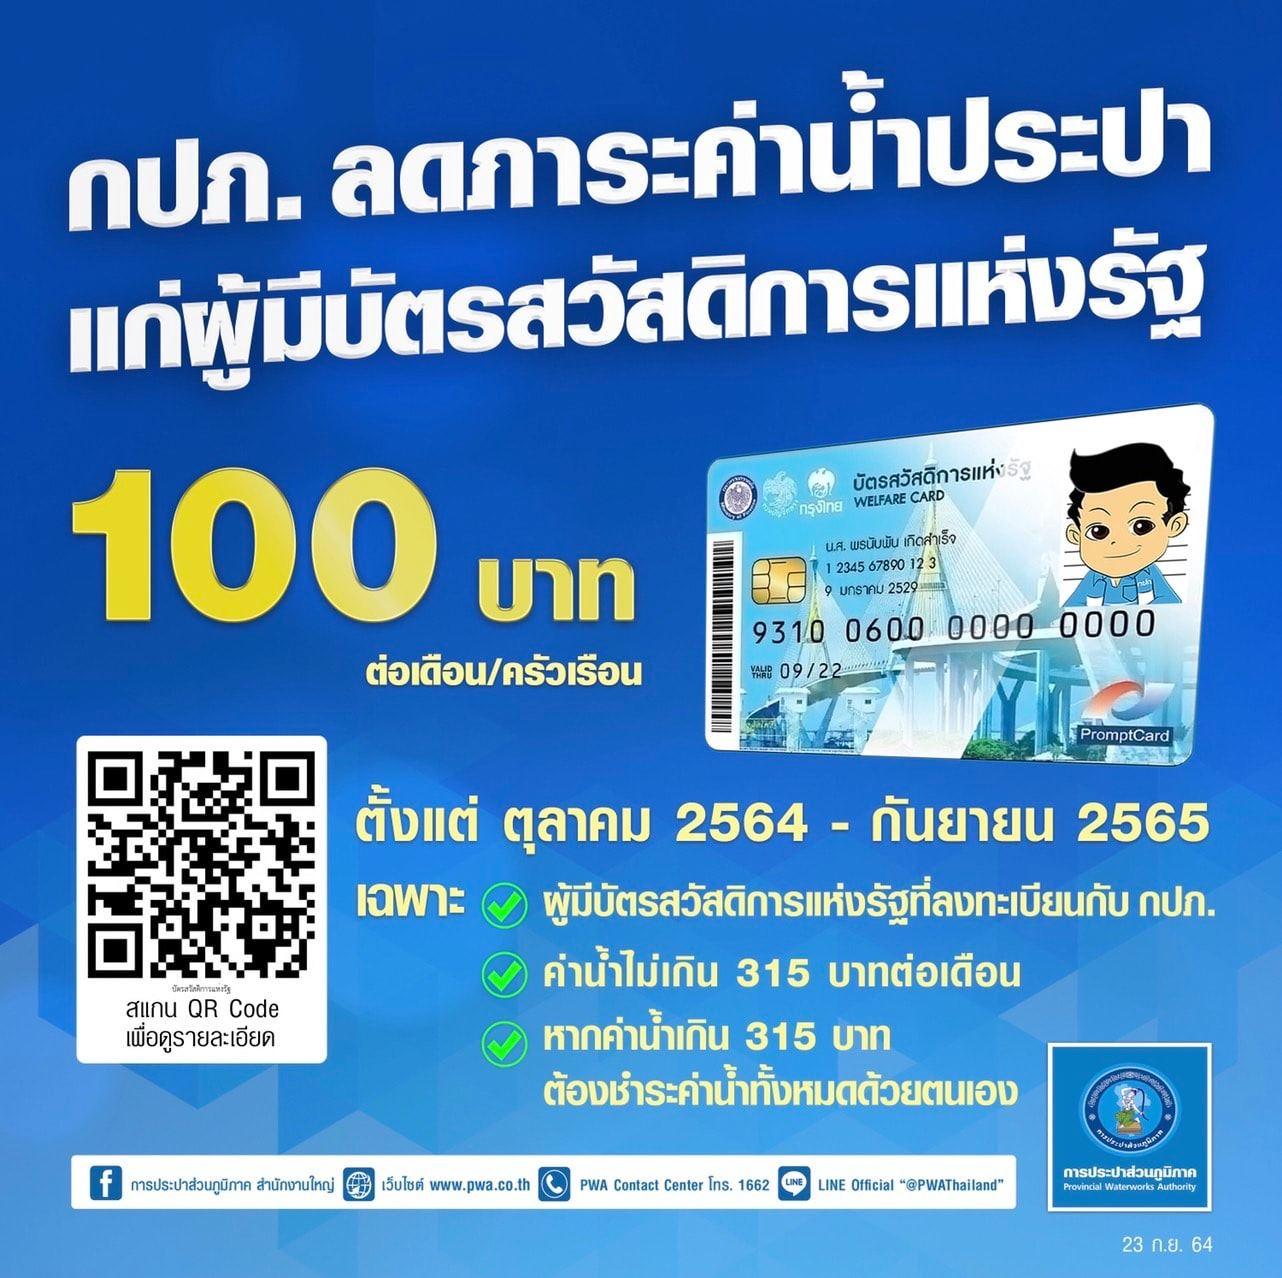 กปภ. ลดภาระค่าน้ำประปาแก่ผู้มีบัตรสวัสดิการแห่งรัฐ 100 บาท ต่อเดือน/ครัวเรือน ตั้งแต่ ตุลาคม 2564 - กันยายน 2565